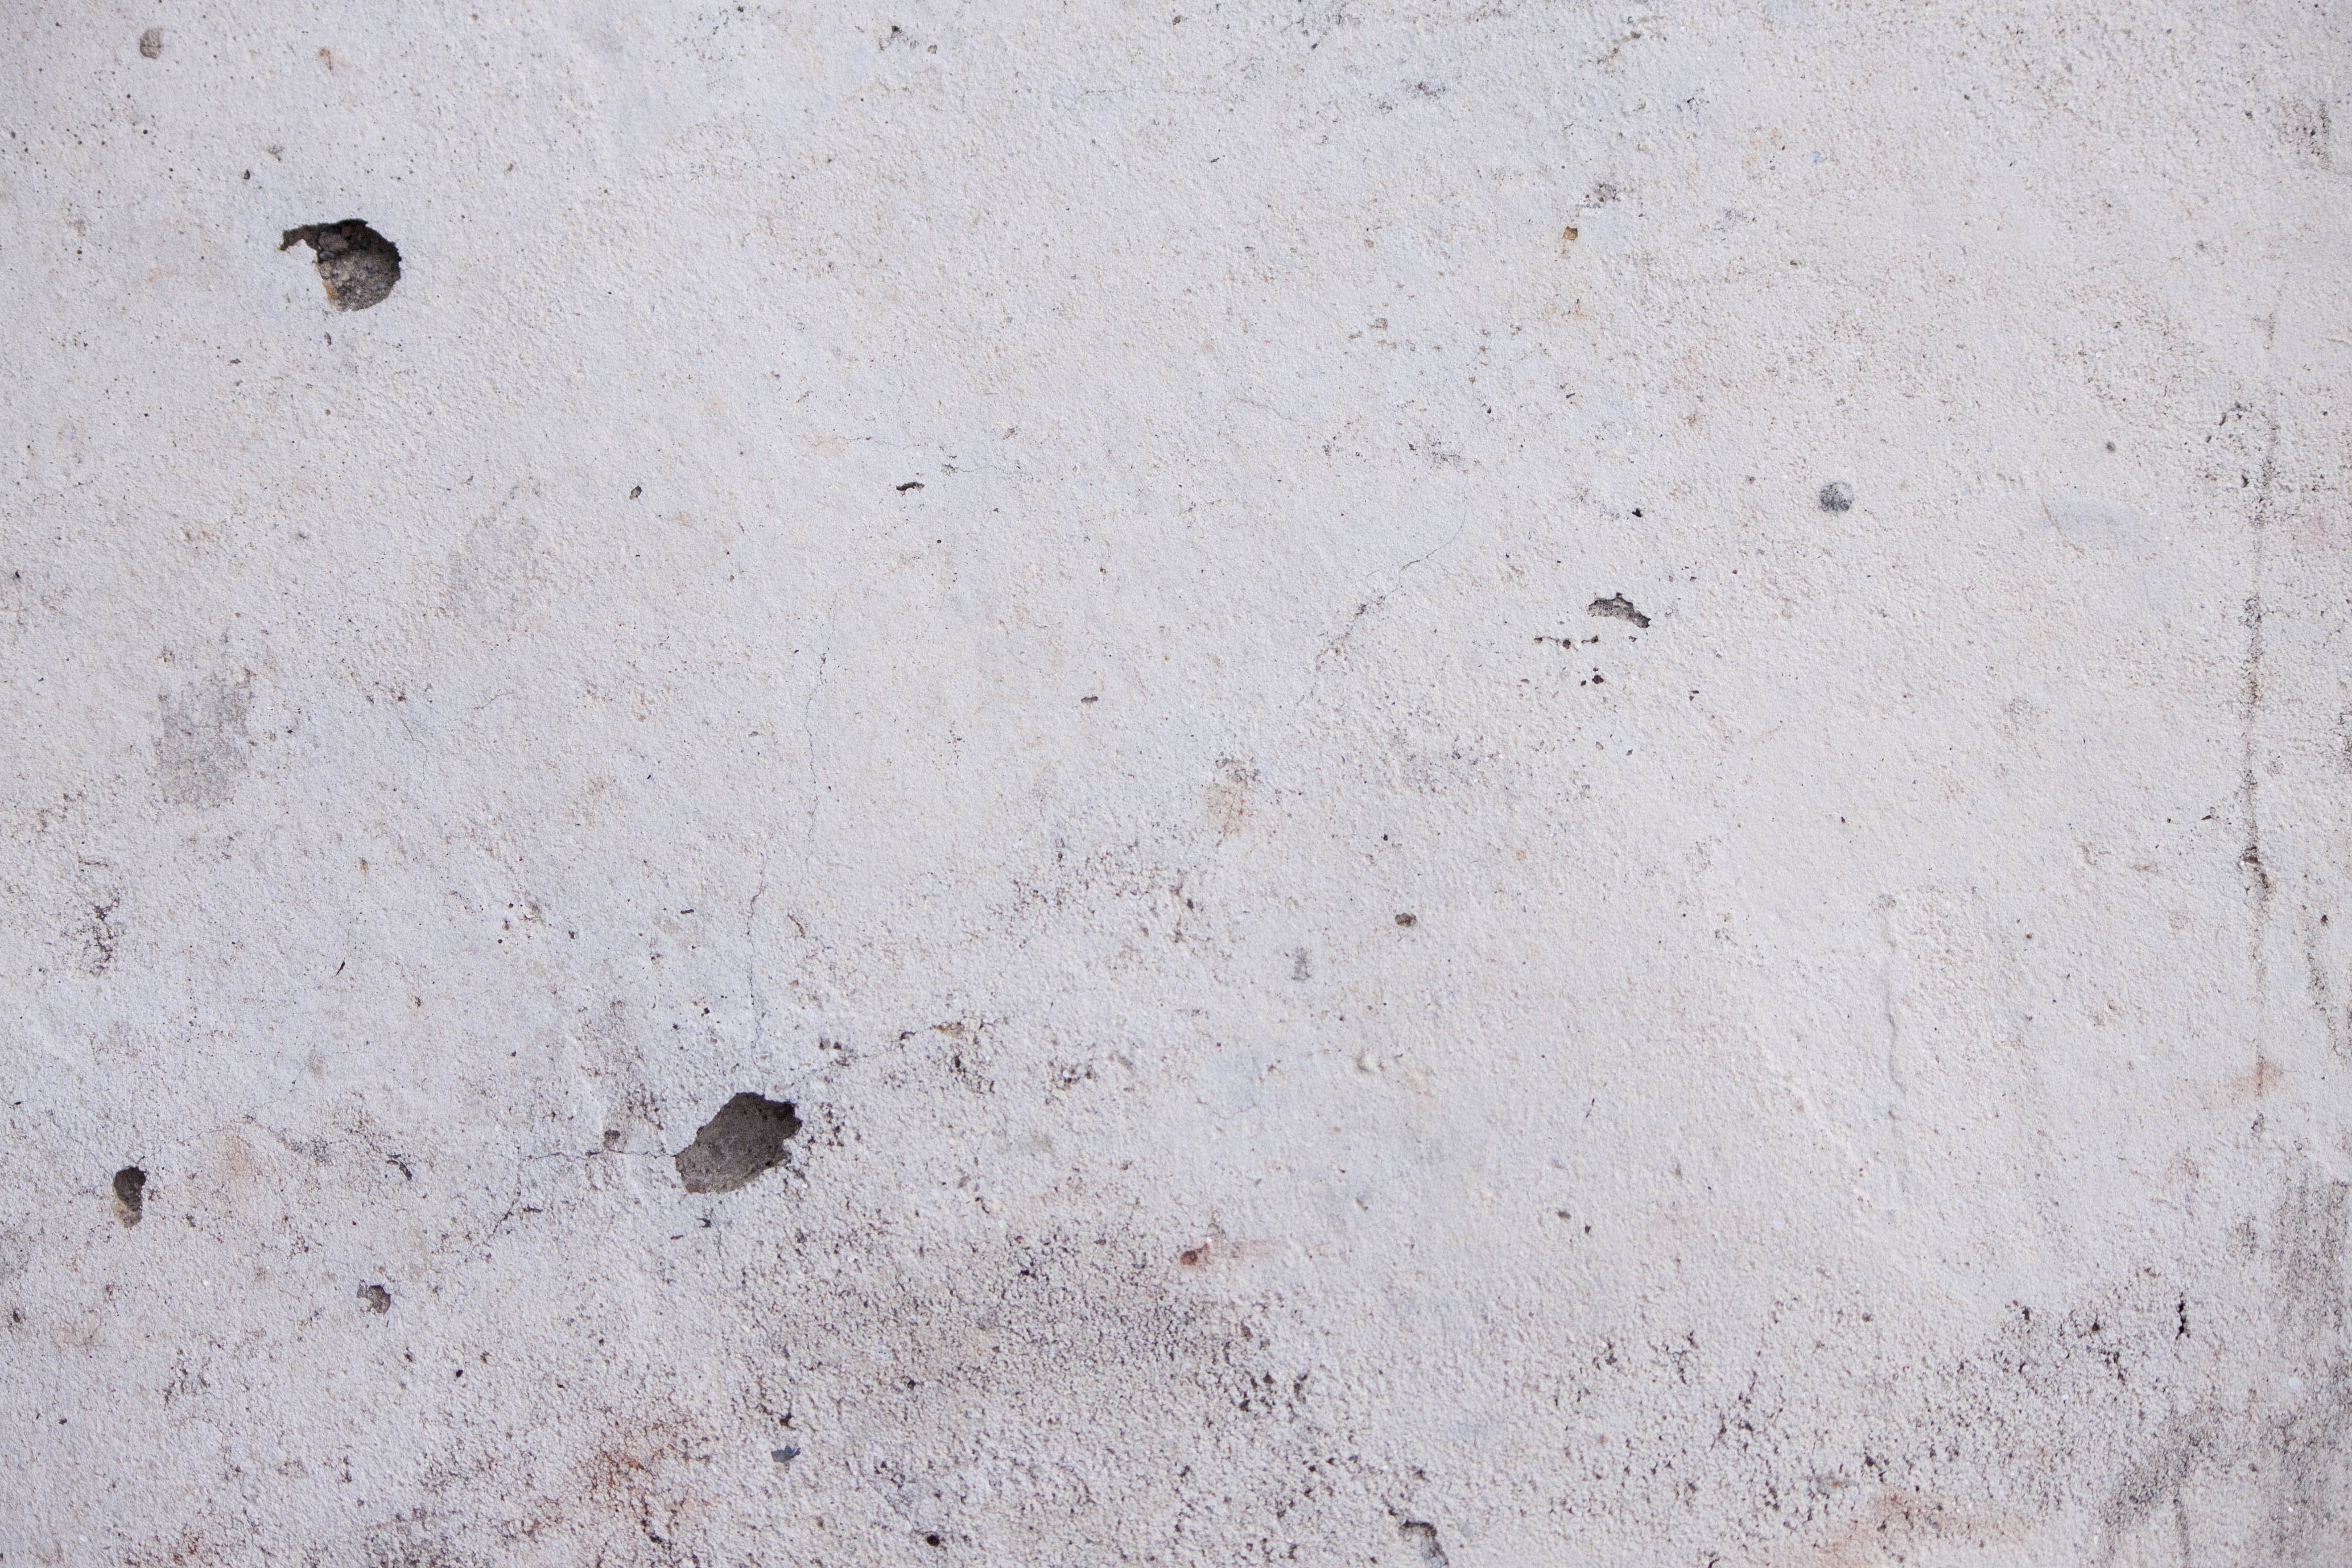 Light Concrete Texture, Surface, Texture, Textured, White, HQ Photo